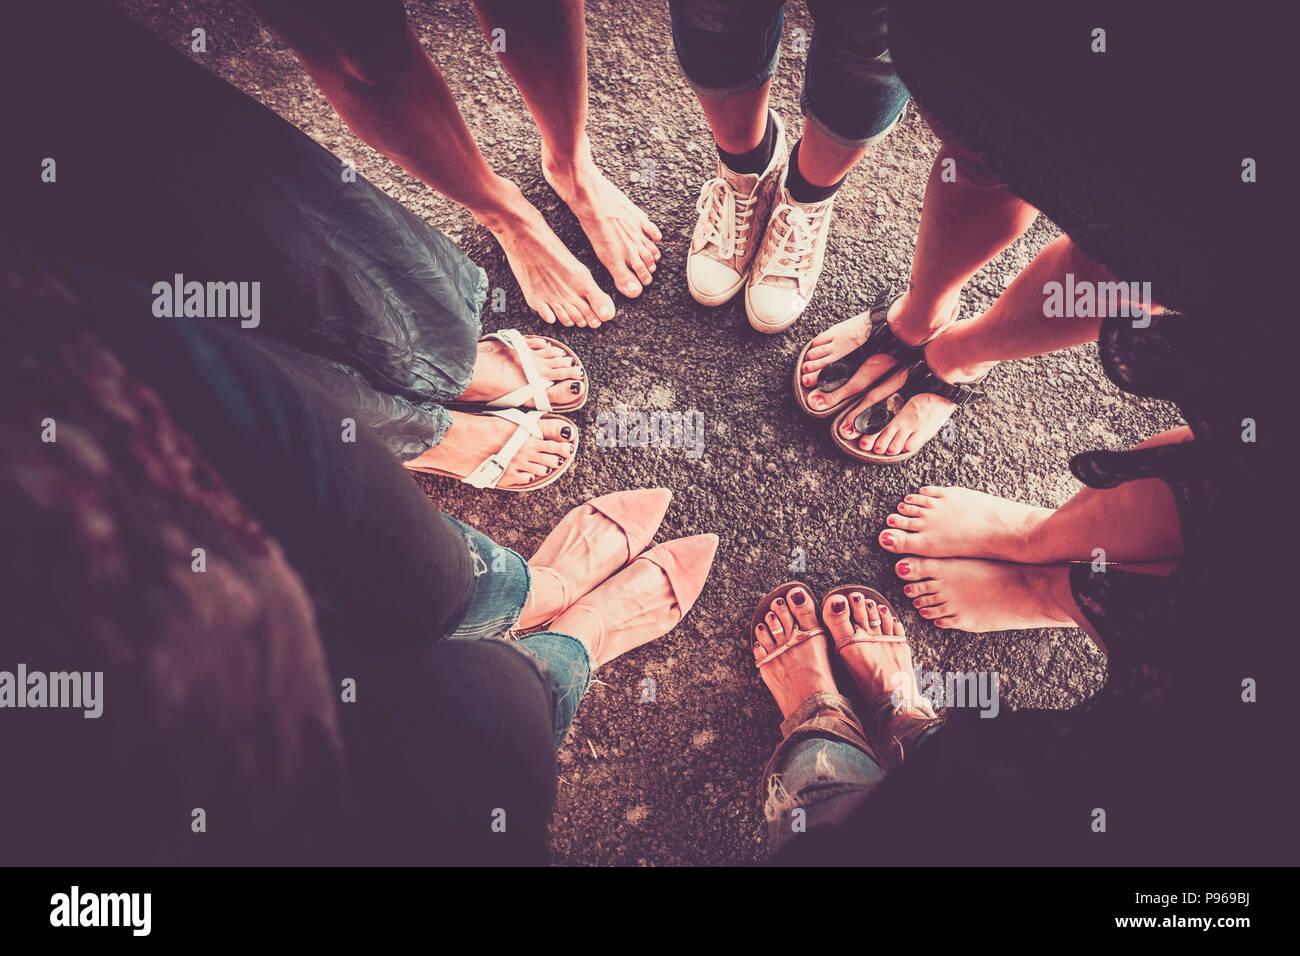 Gruppe von Frau aus Sicht mit sieben Paar Füße mit Schuhen und barfuss ohne. kaukasische Damen im Sommer. Vintage Farben und Vi Stockbild